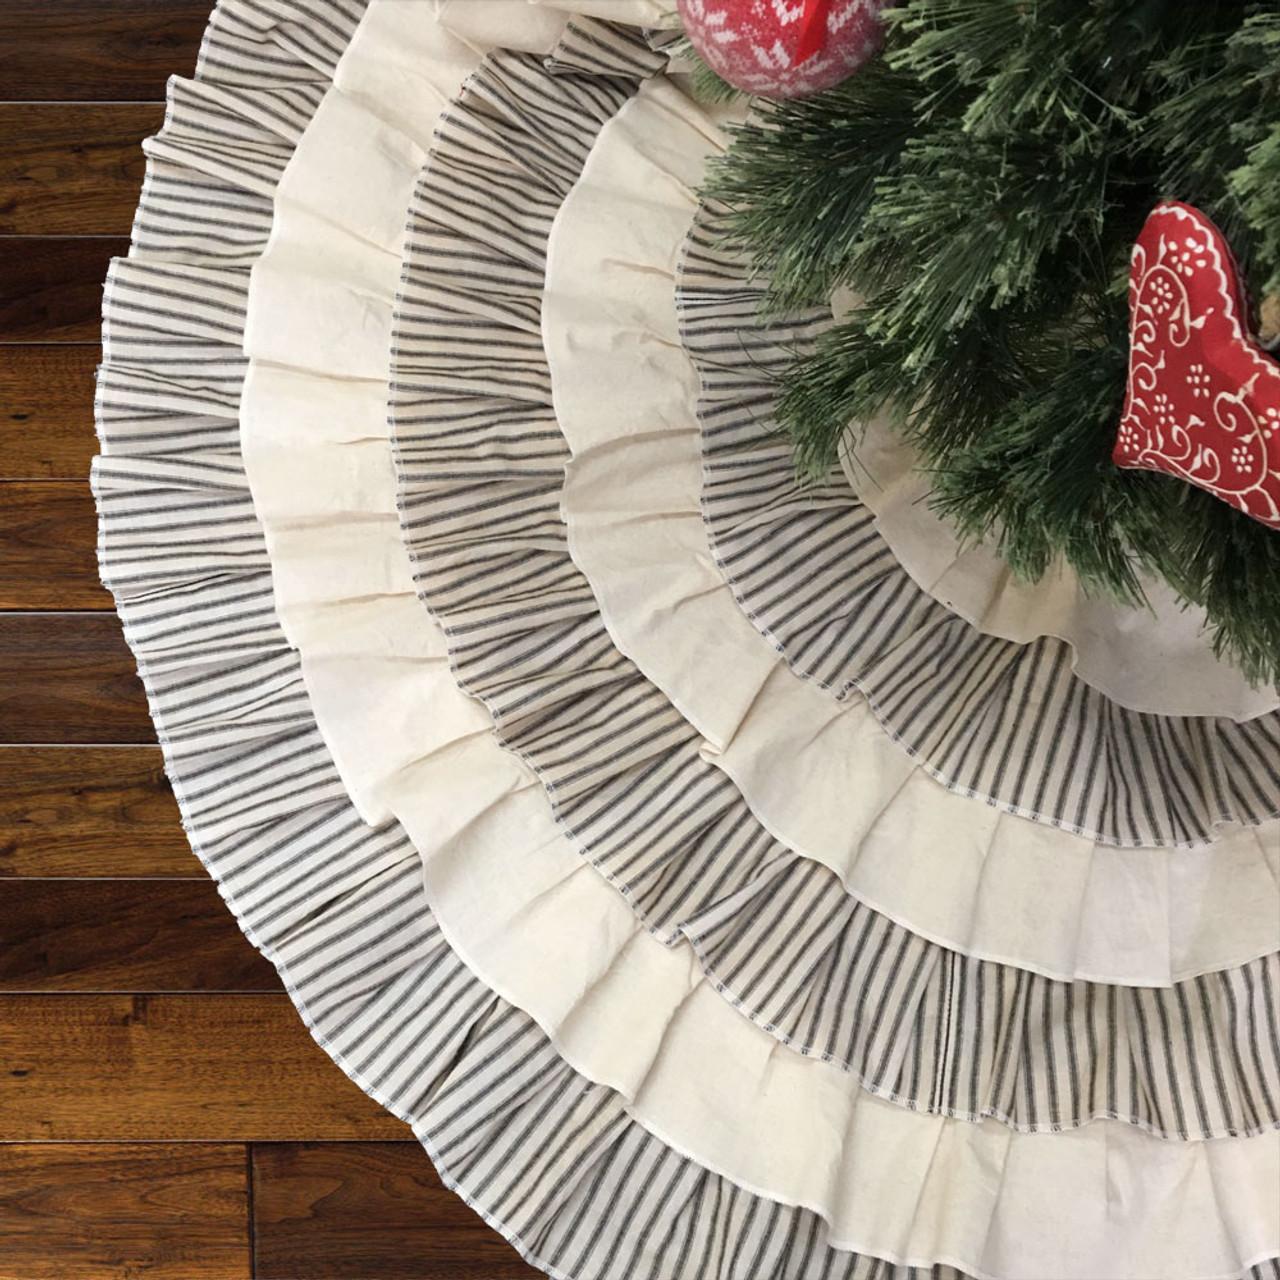 """48"""" Ruffled Black Ticking Stripe Christmas Tree Skirt - New Design 2020!"""